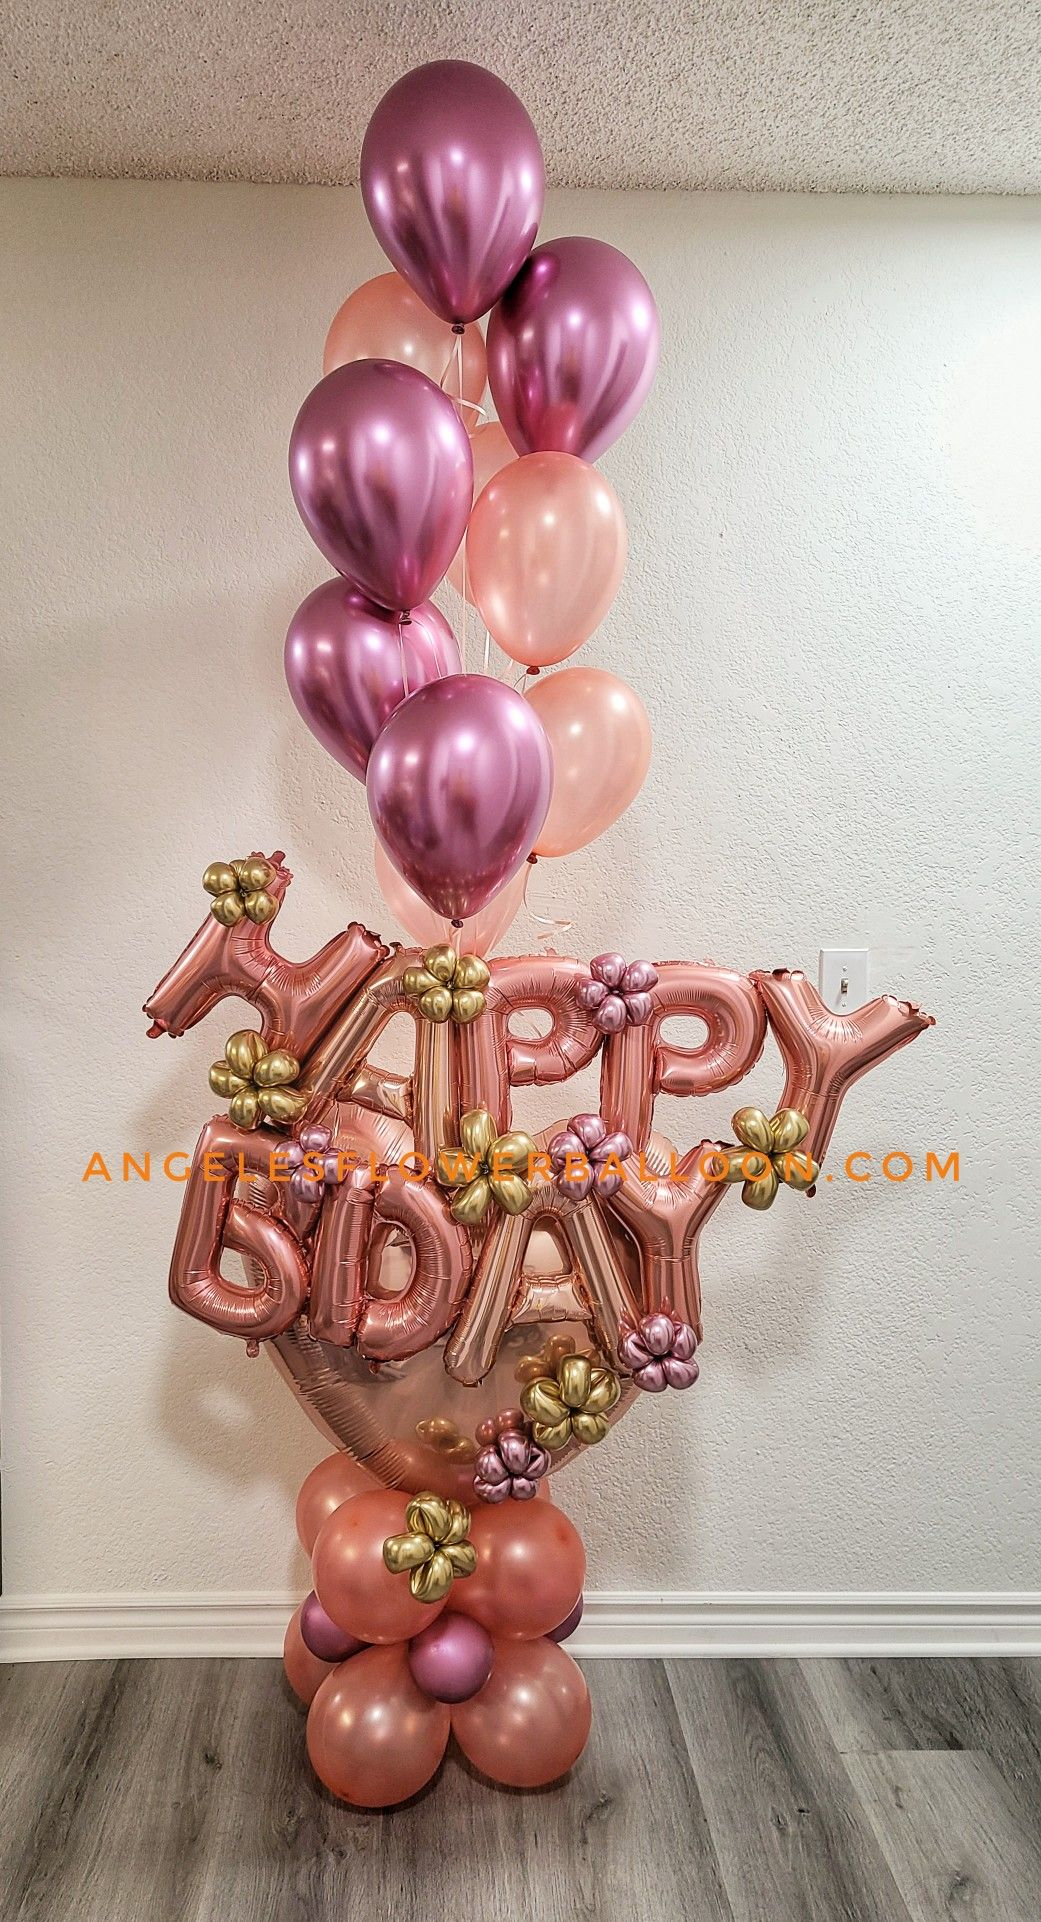 Design bouquet in 2020 birthday bouquet balloon flowers